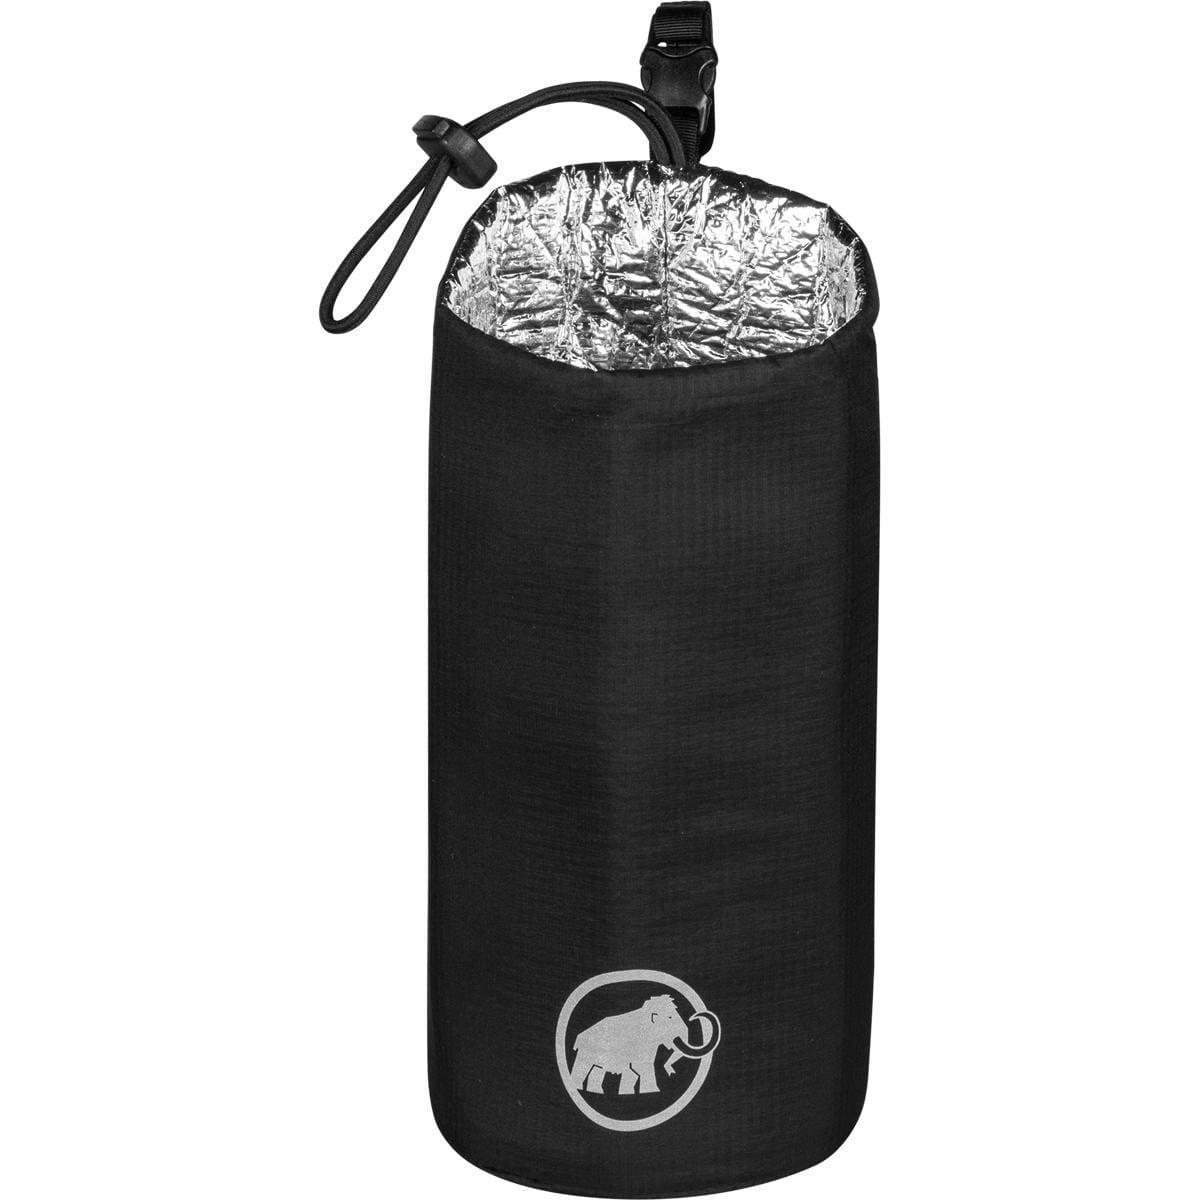 Mammut Add-on Bottle Holder Insulated Größe S - Flaschenhalter - Bild 1